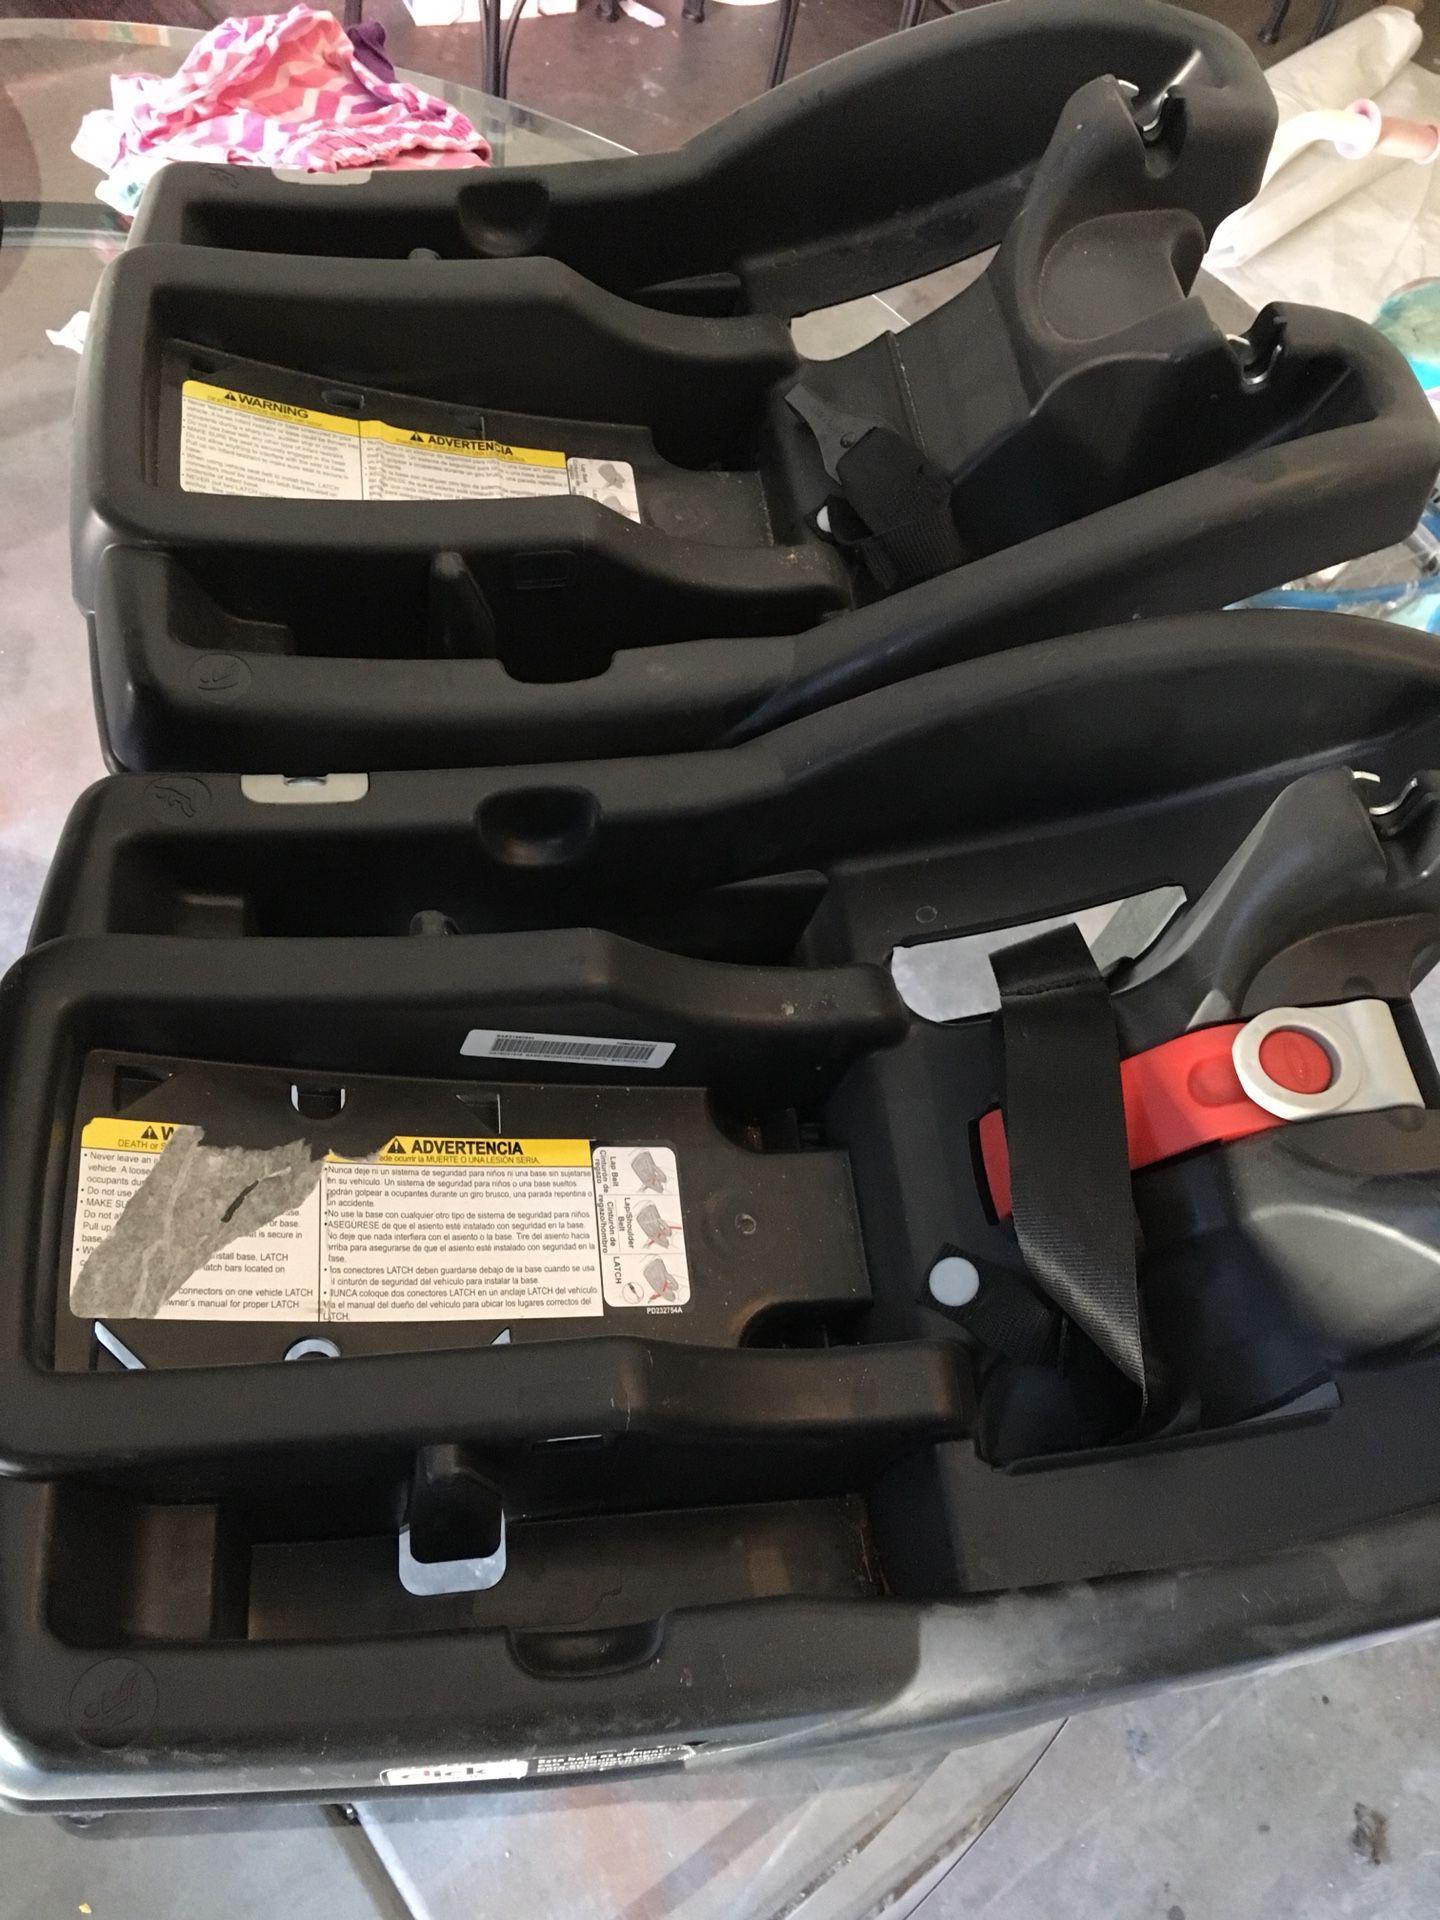 Graco snugride 35 car seat